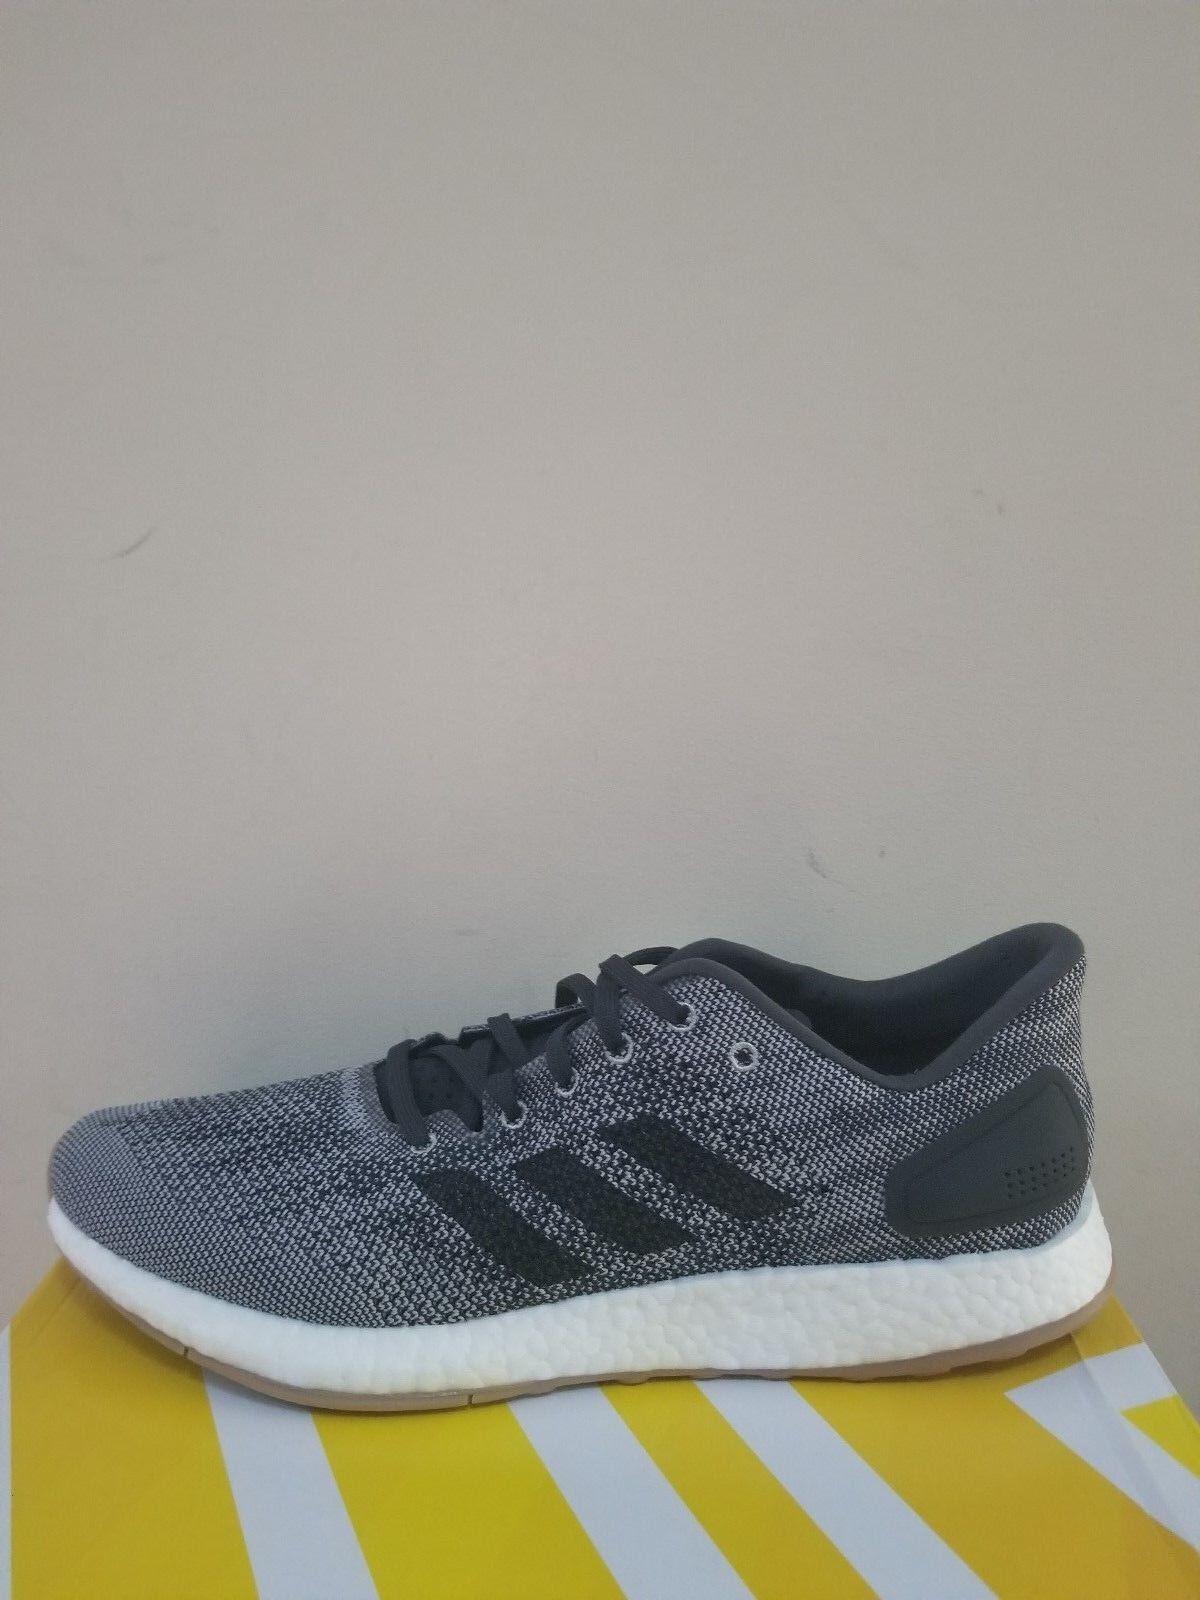 Adidas pureboost dpr laufen turnschuhe größe 10,5 nib